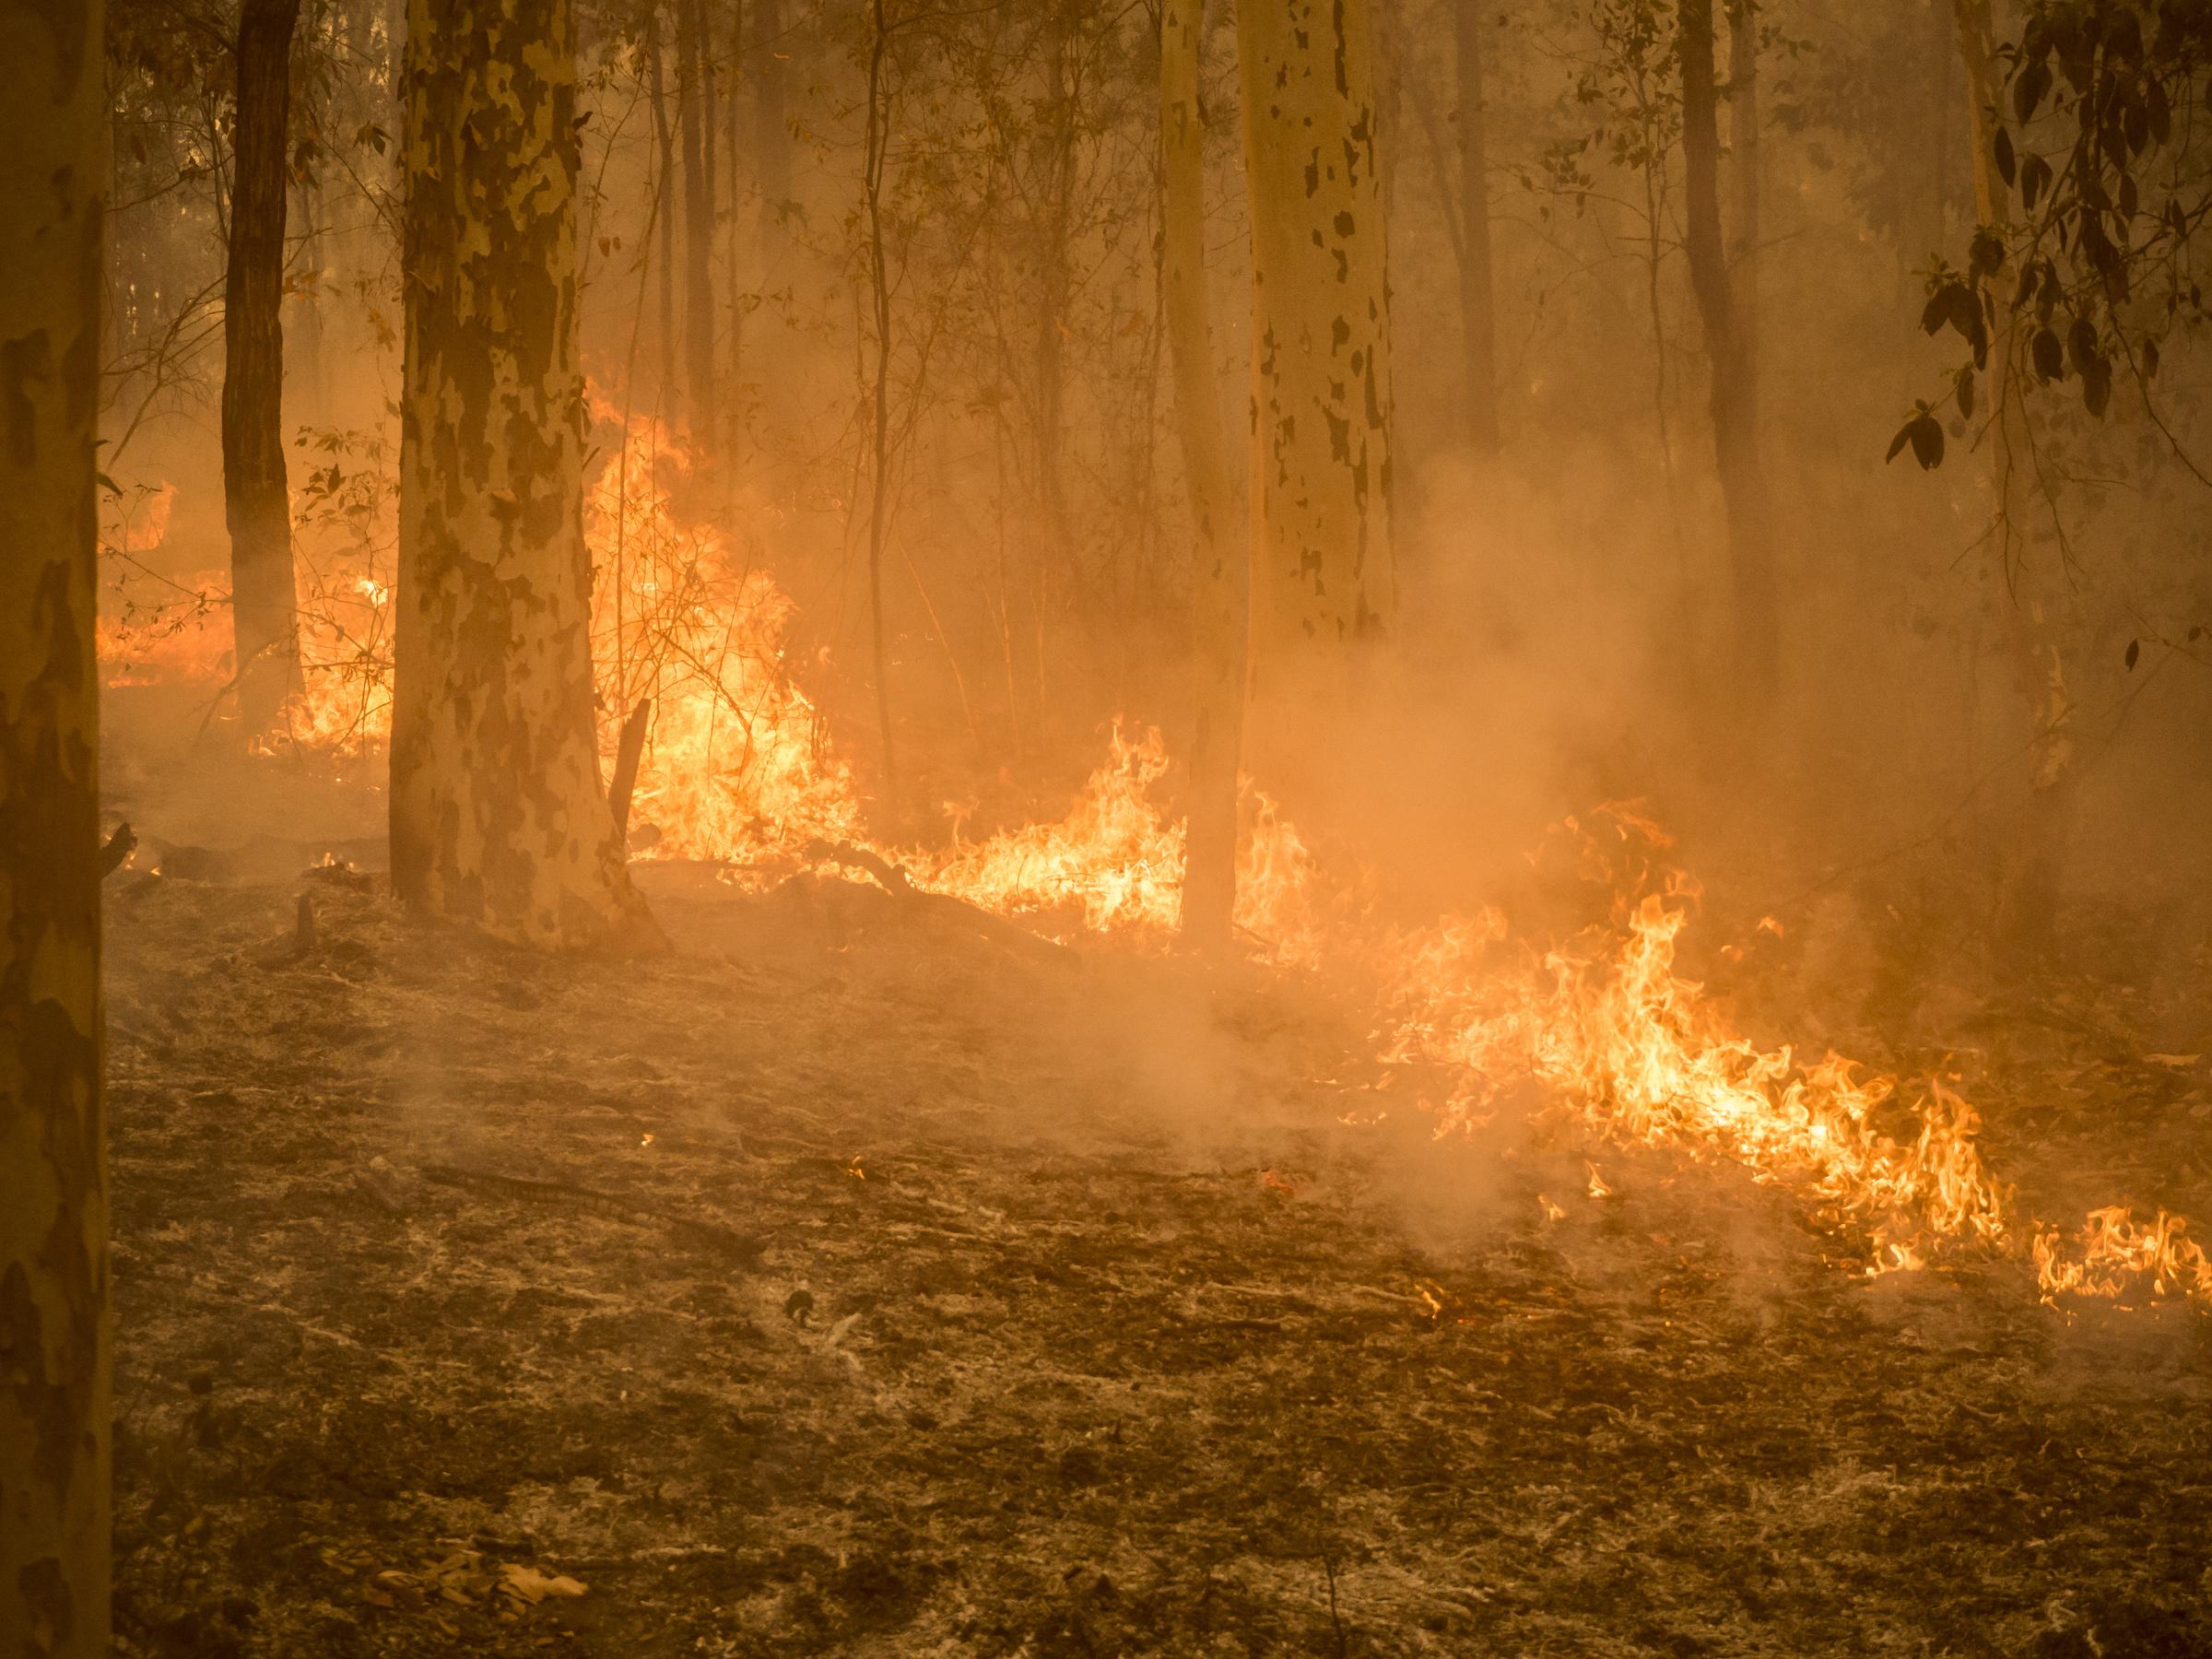 Hatatila Syvenee Australiassa Ilmastonmuutos On Steroidia